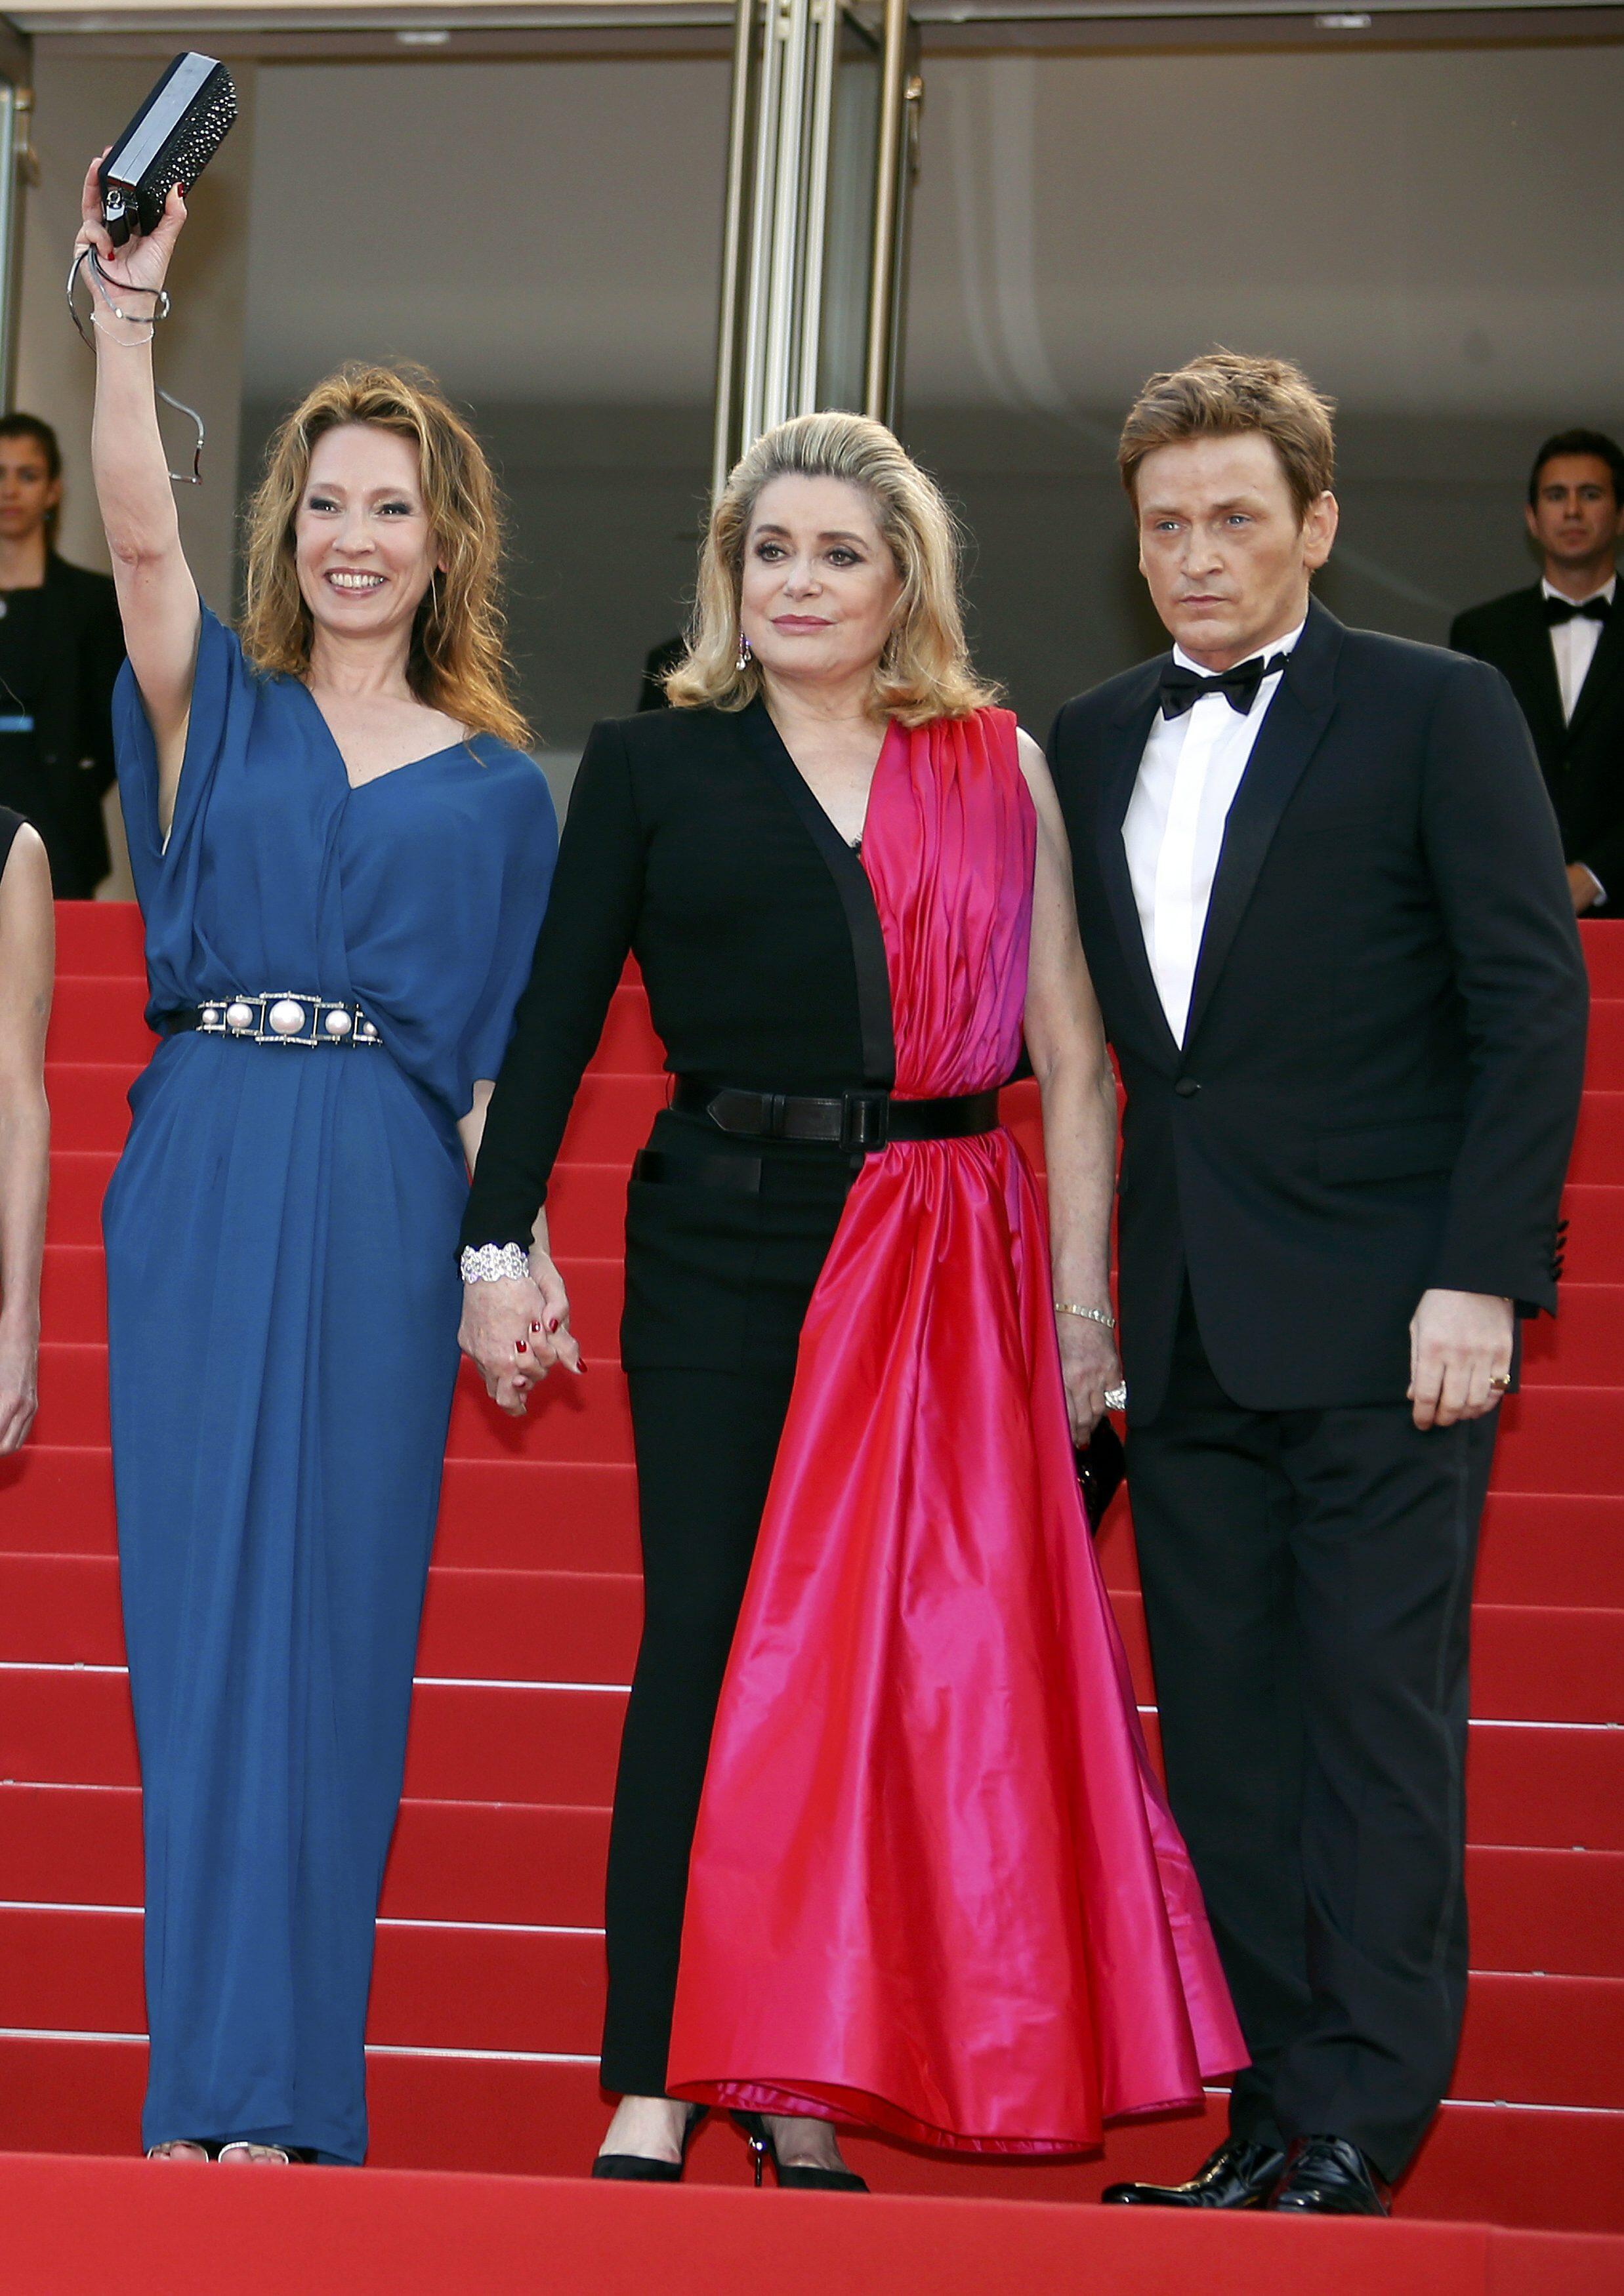 Catherine Deneuve ao centro, com a diretora Emmanuelle Bercot (à esquerda) e o ator Benoît Magimel (à direita).